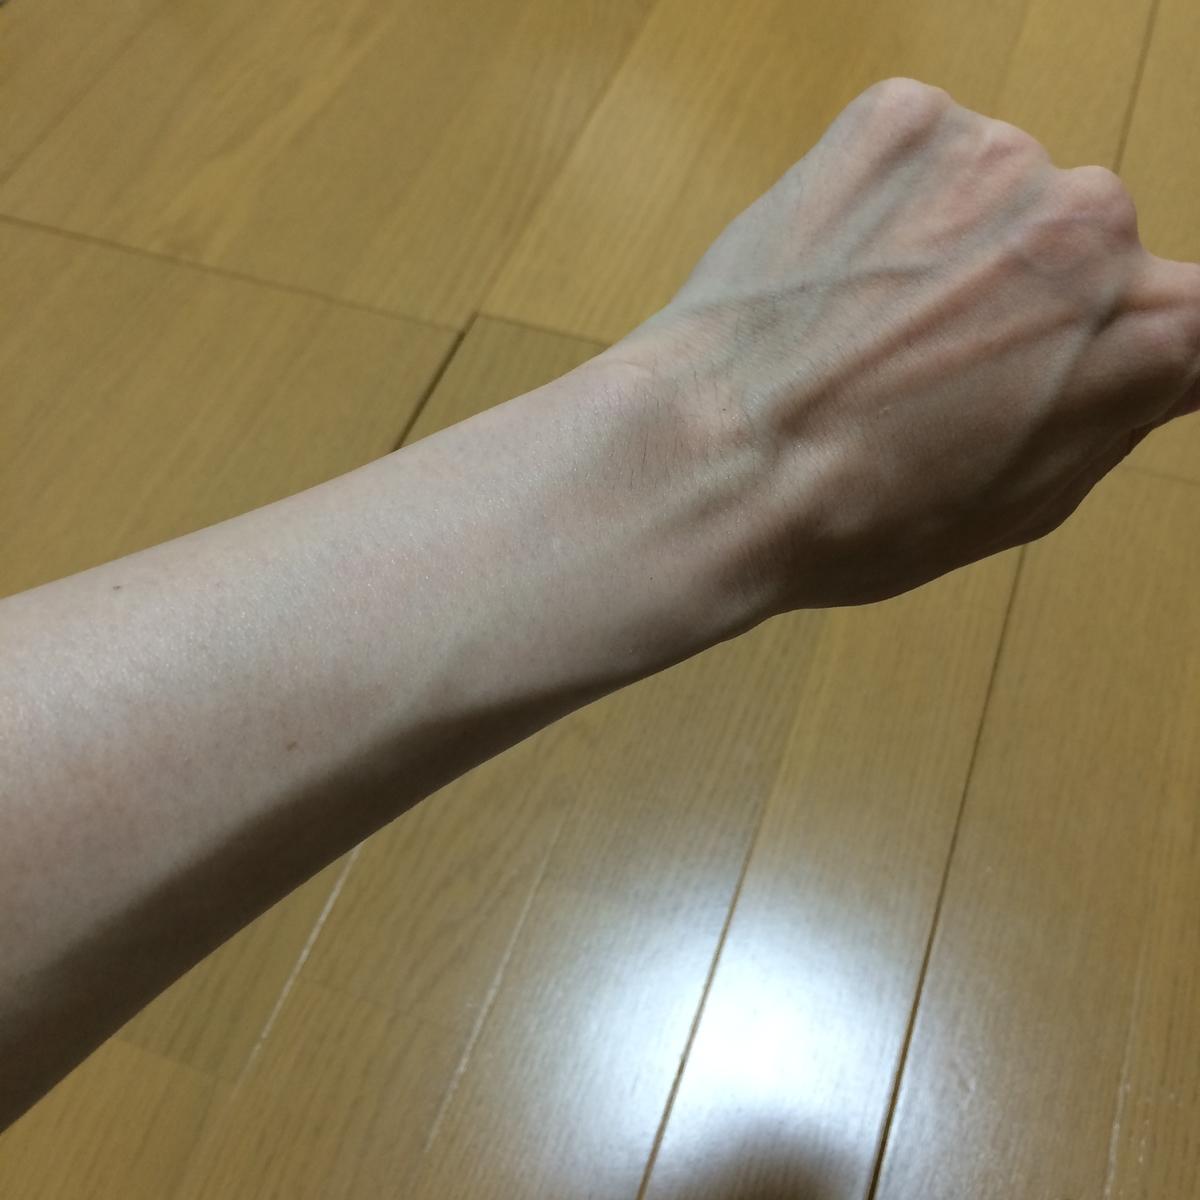 f:id:misumi-tomo:20190802153013j:plain